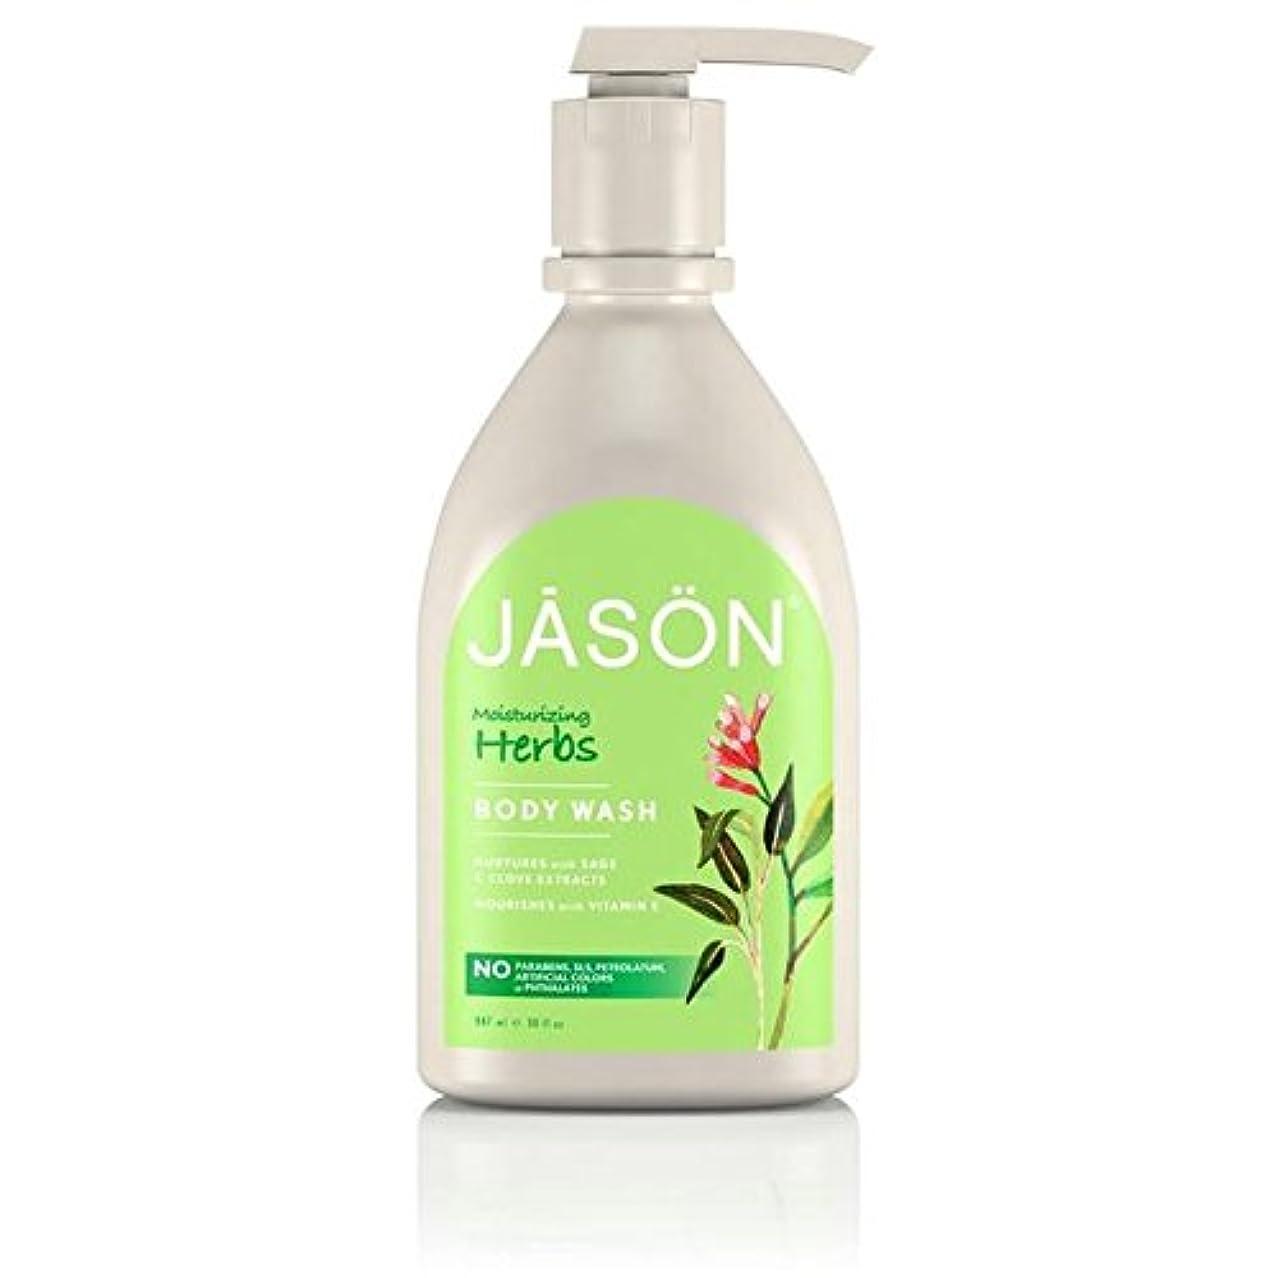 ゴミ承知しました養うJason Herbal Satin Body Wash Pump 900ml (Pack of 6) - ジェイソン?ハーブサテンボディウォッシュポンプ900ミリリットル x6 [並行輸入品]